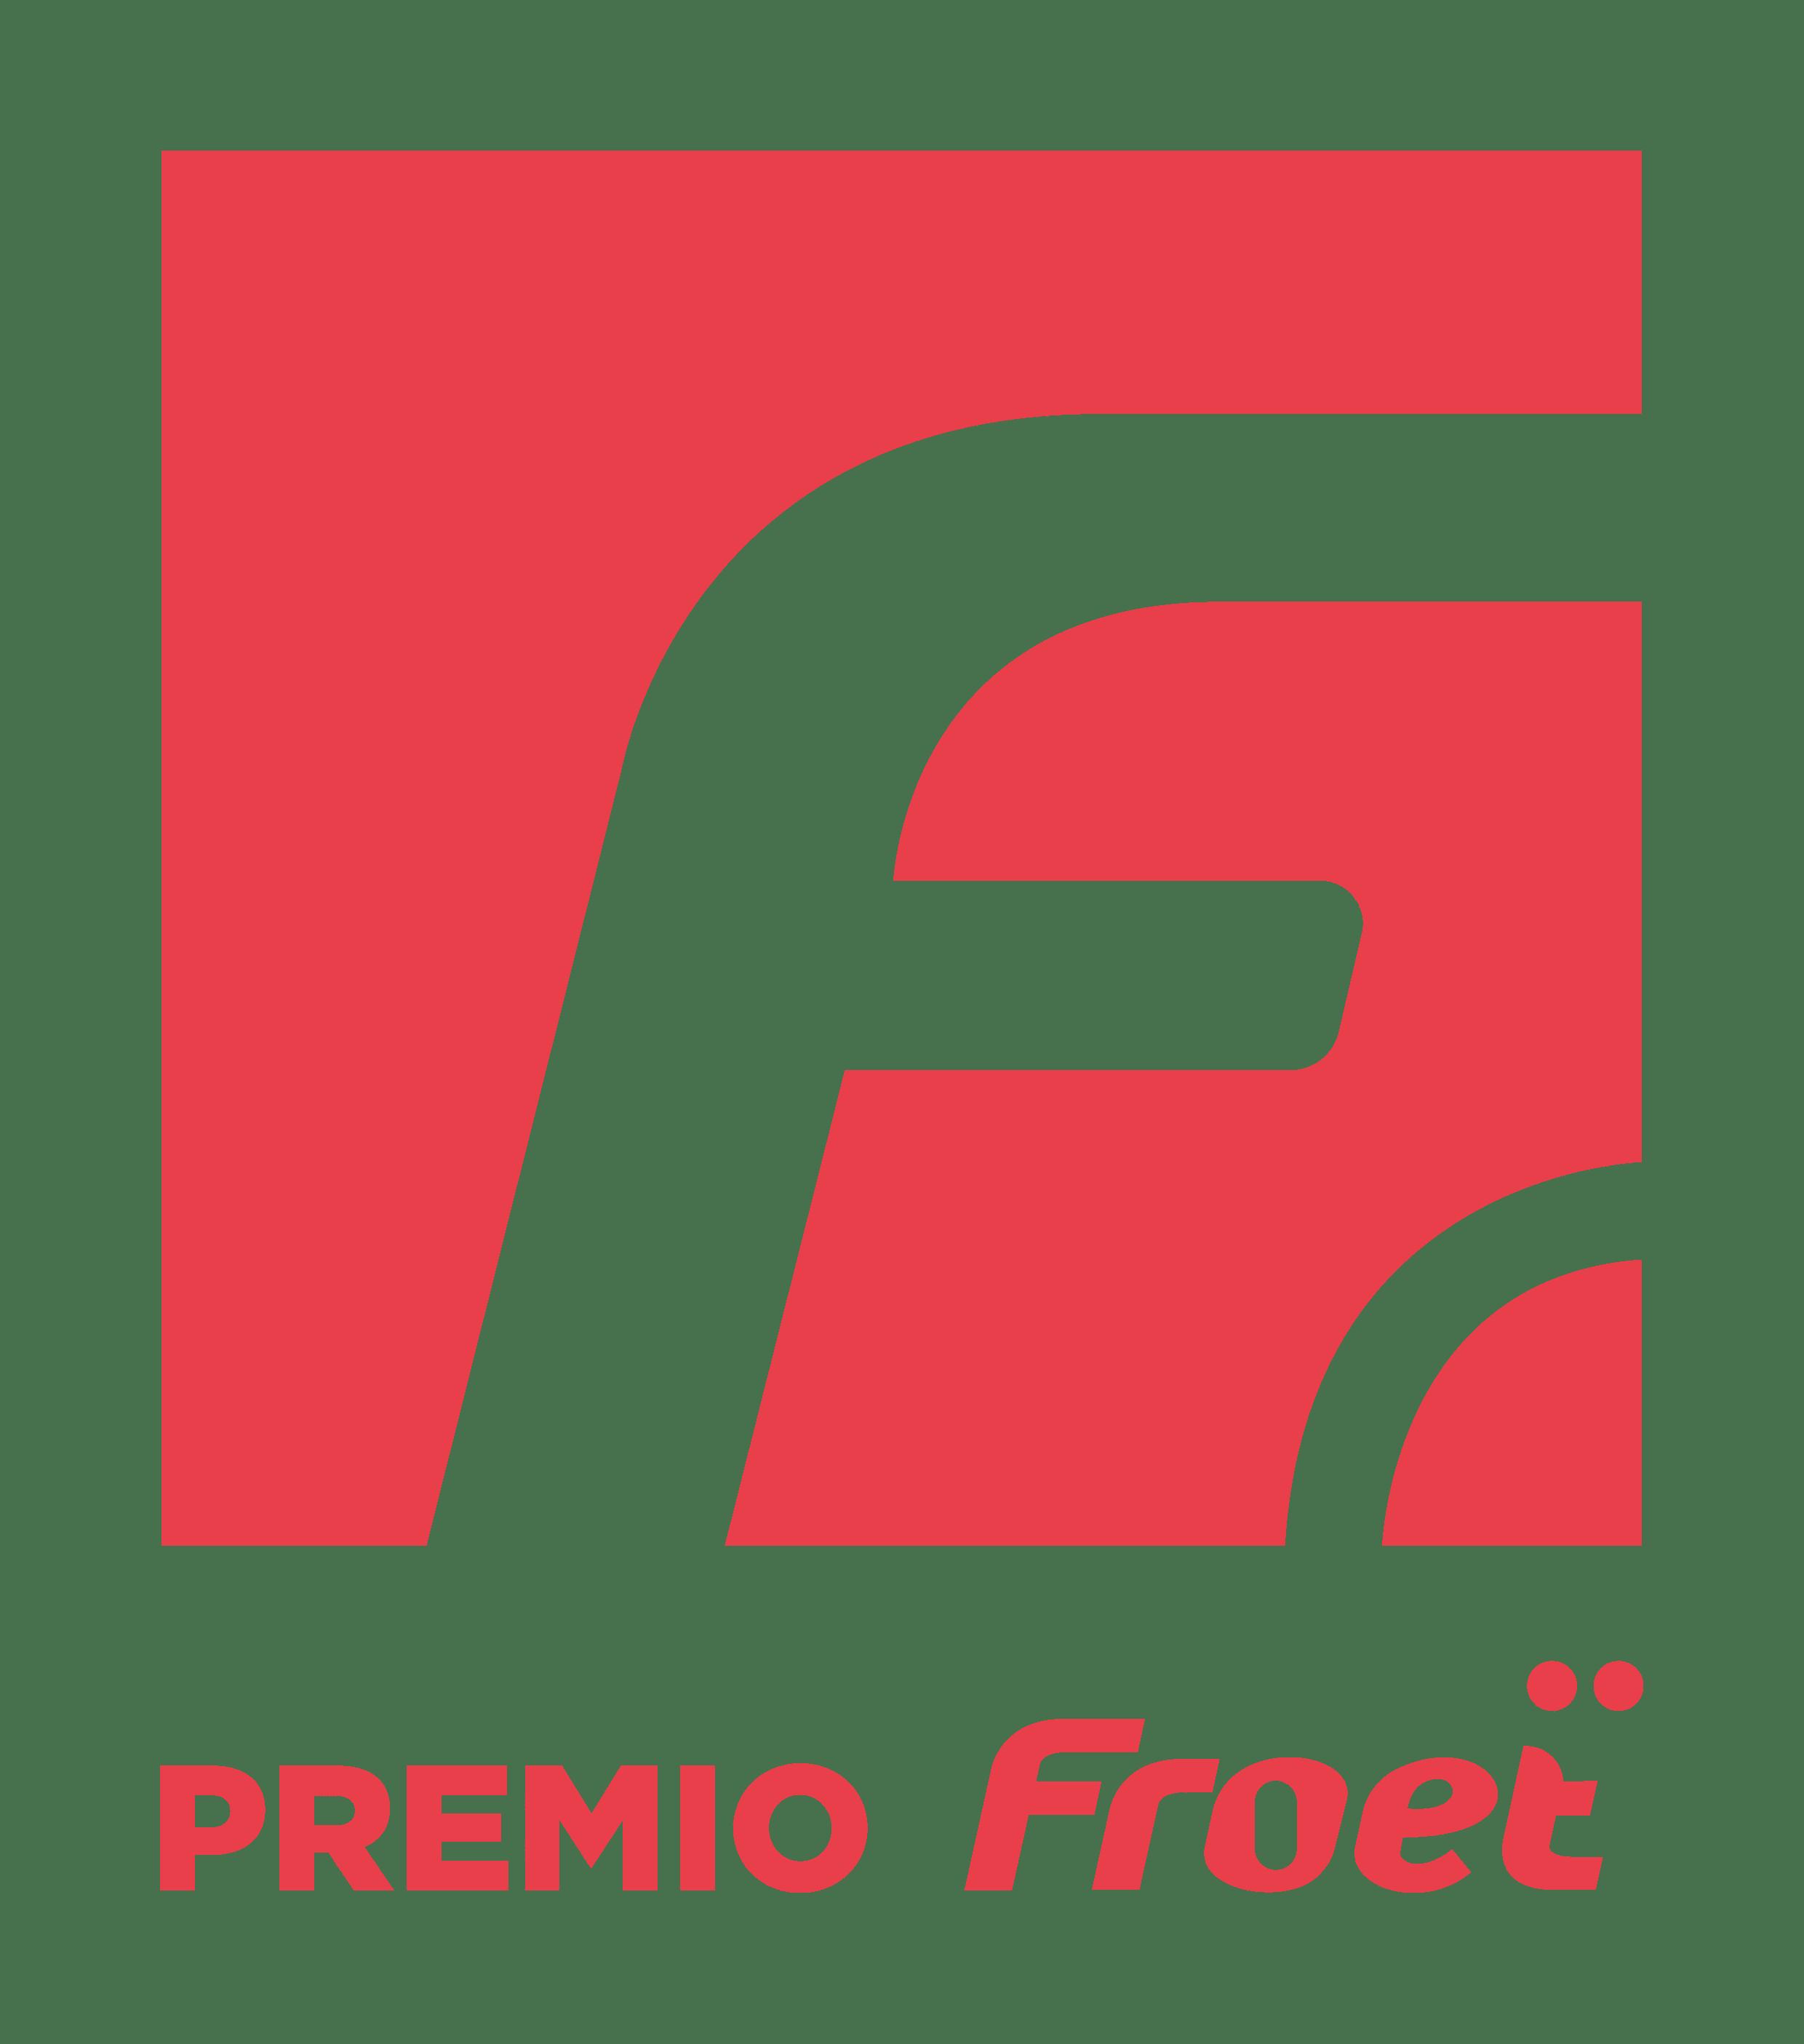 PREMIOS FROET 2018: ENTREVISTAS A PREMIADOS Y MENCIONES ESPECIALES